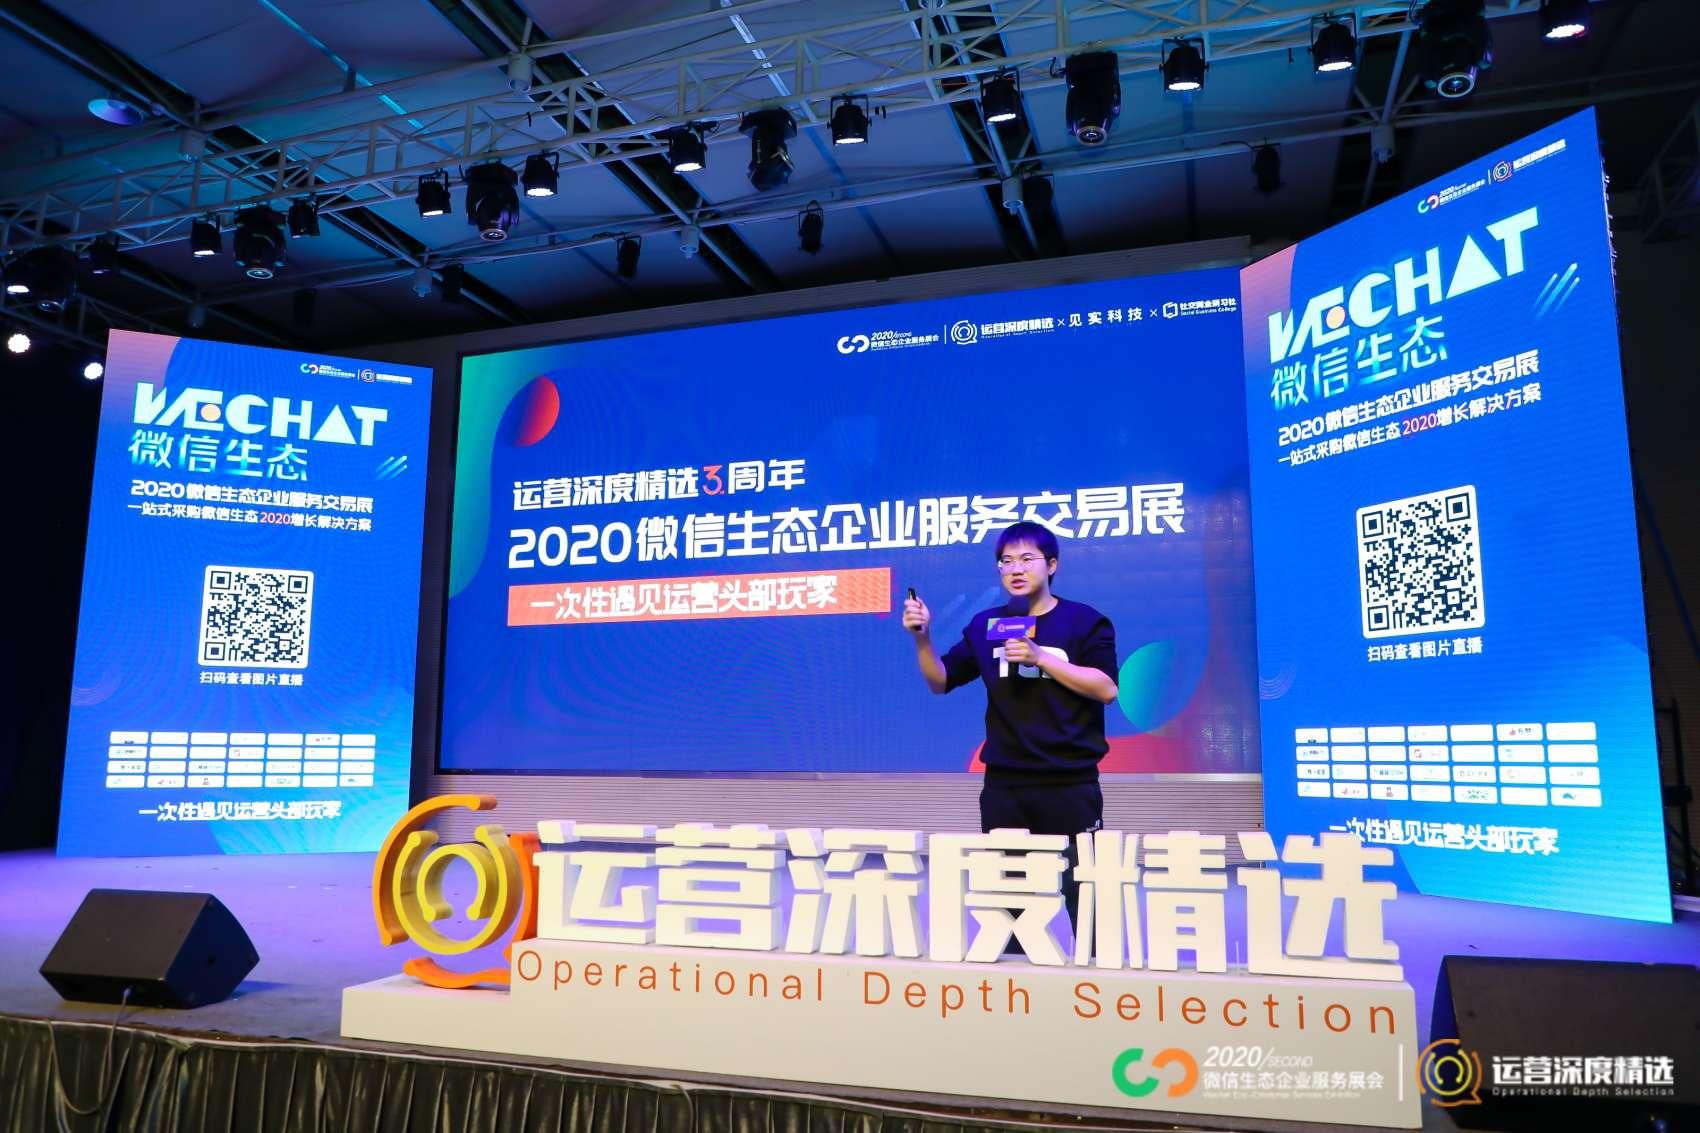 第二屆參加2020微信生態企業服務展會——深圳場